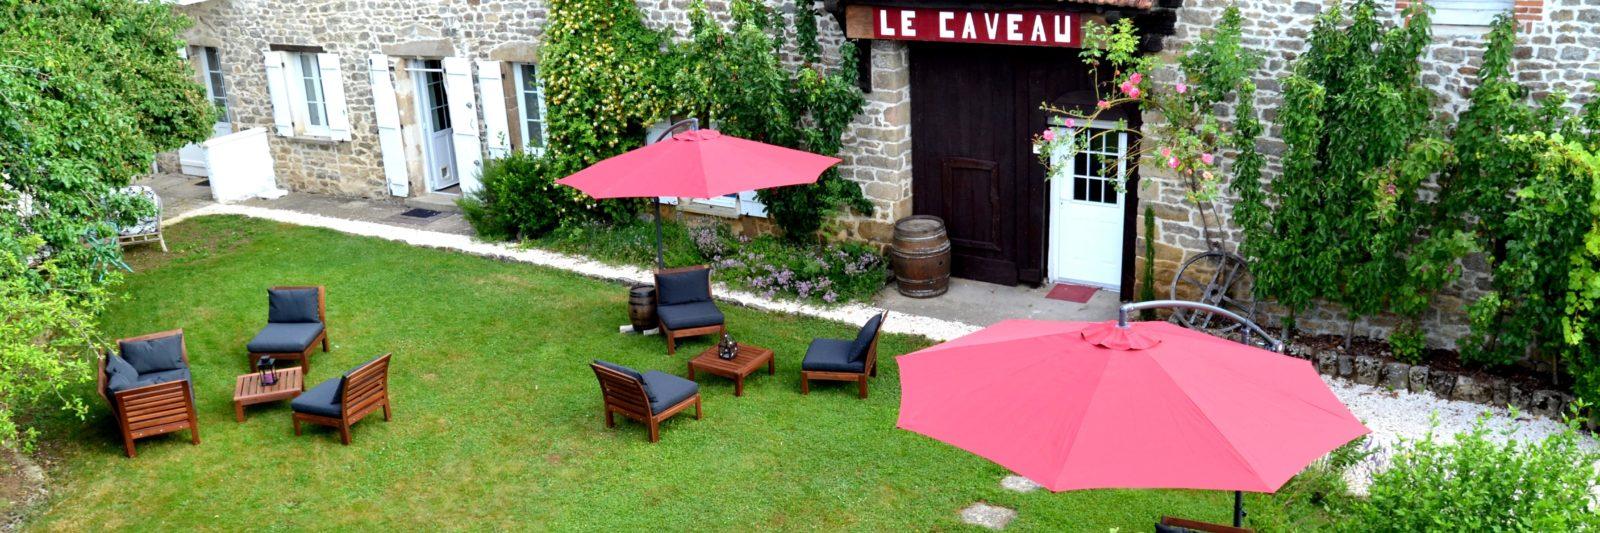 vue sur le jardin du Domaine et l'entrée du caveau